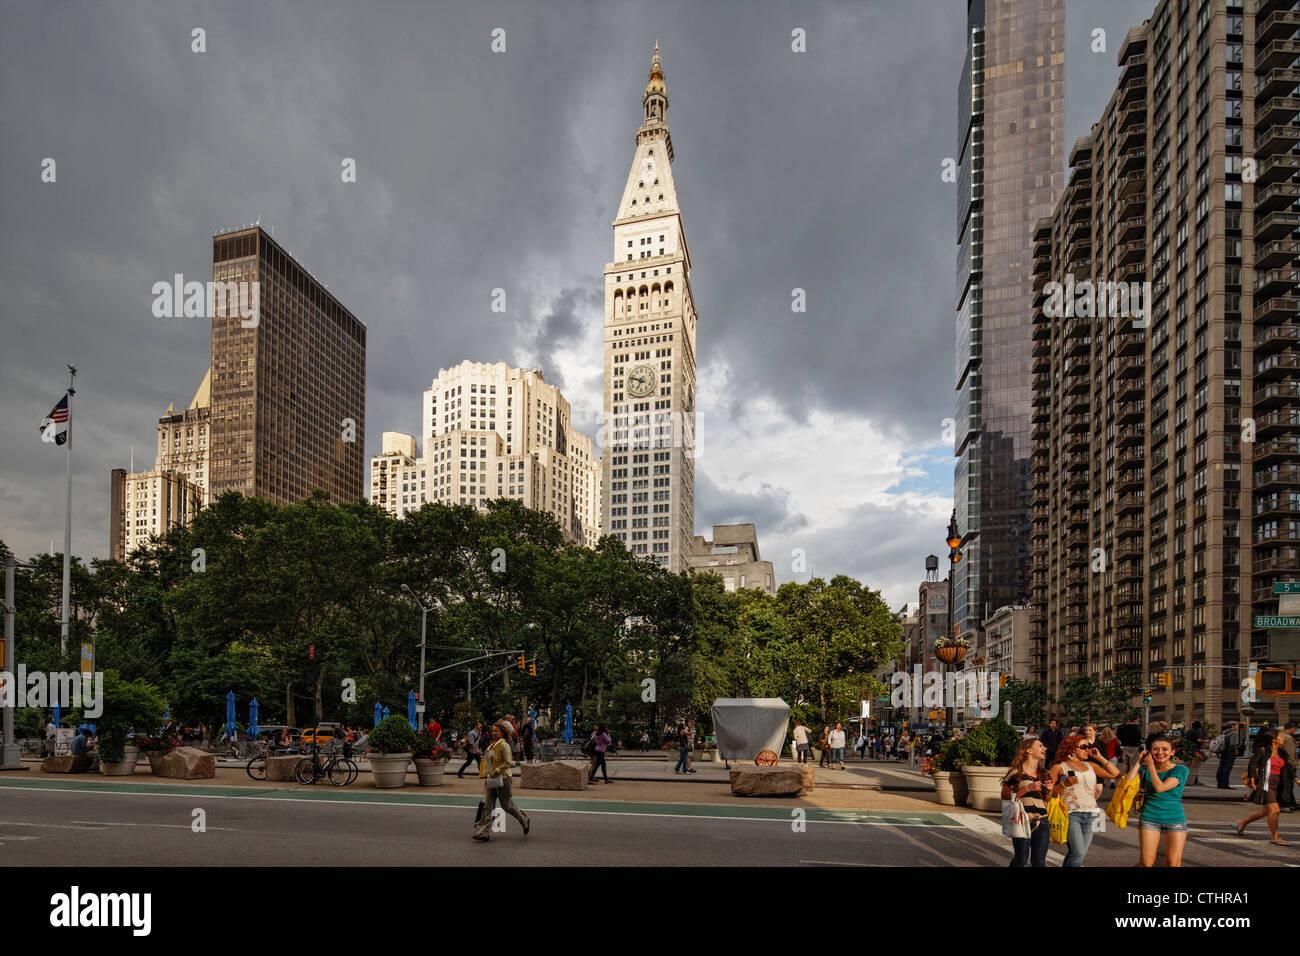 Metropolitan Life buidling, Madison Square Park, 5th Av., New York - Stock Image